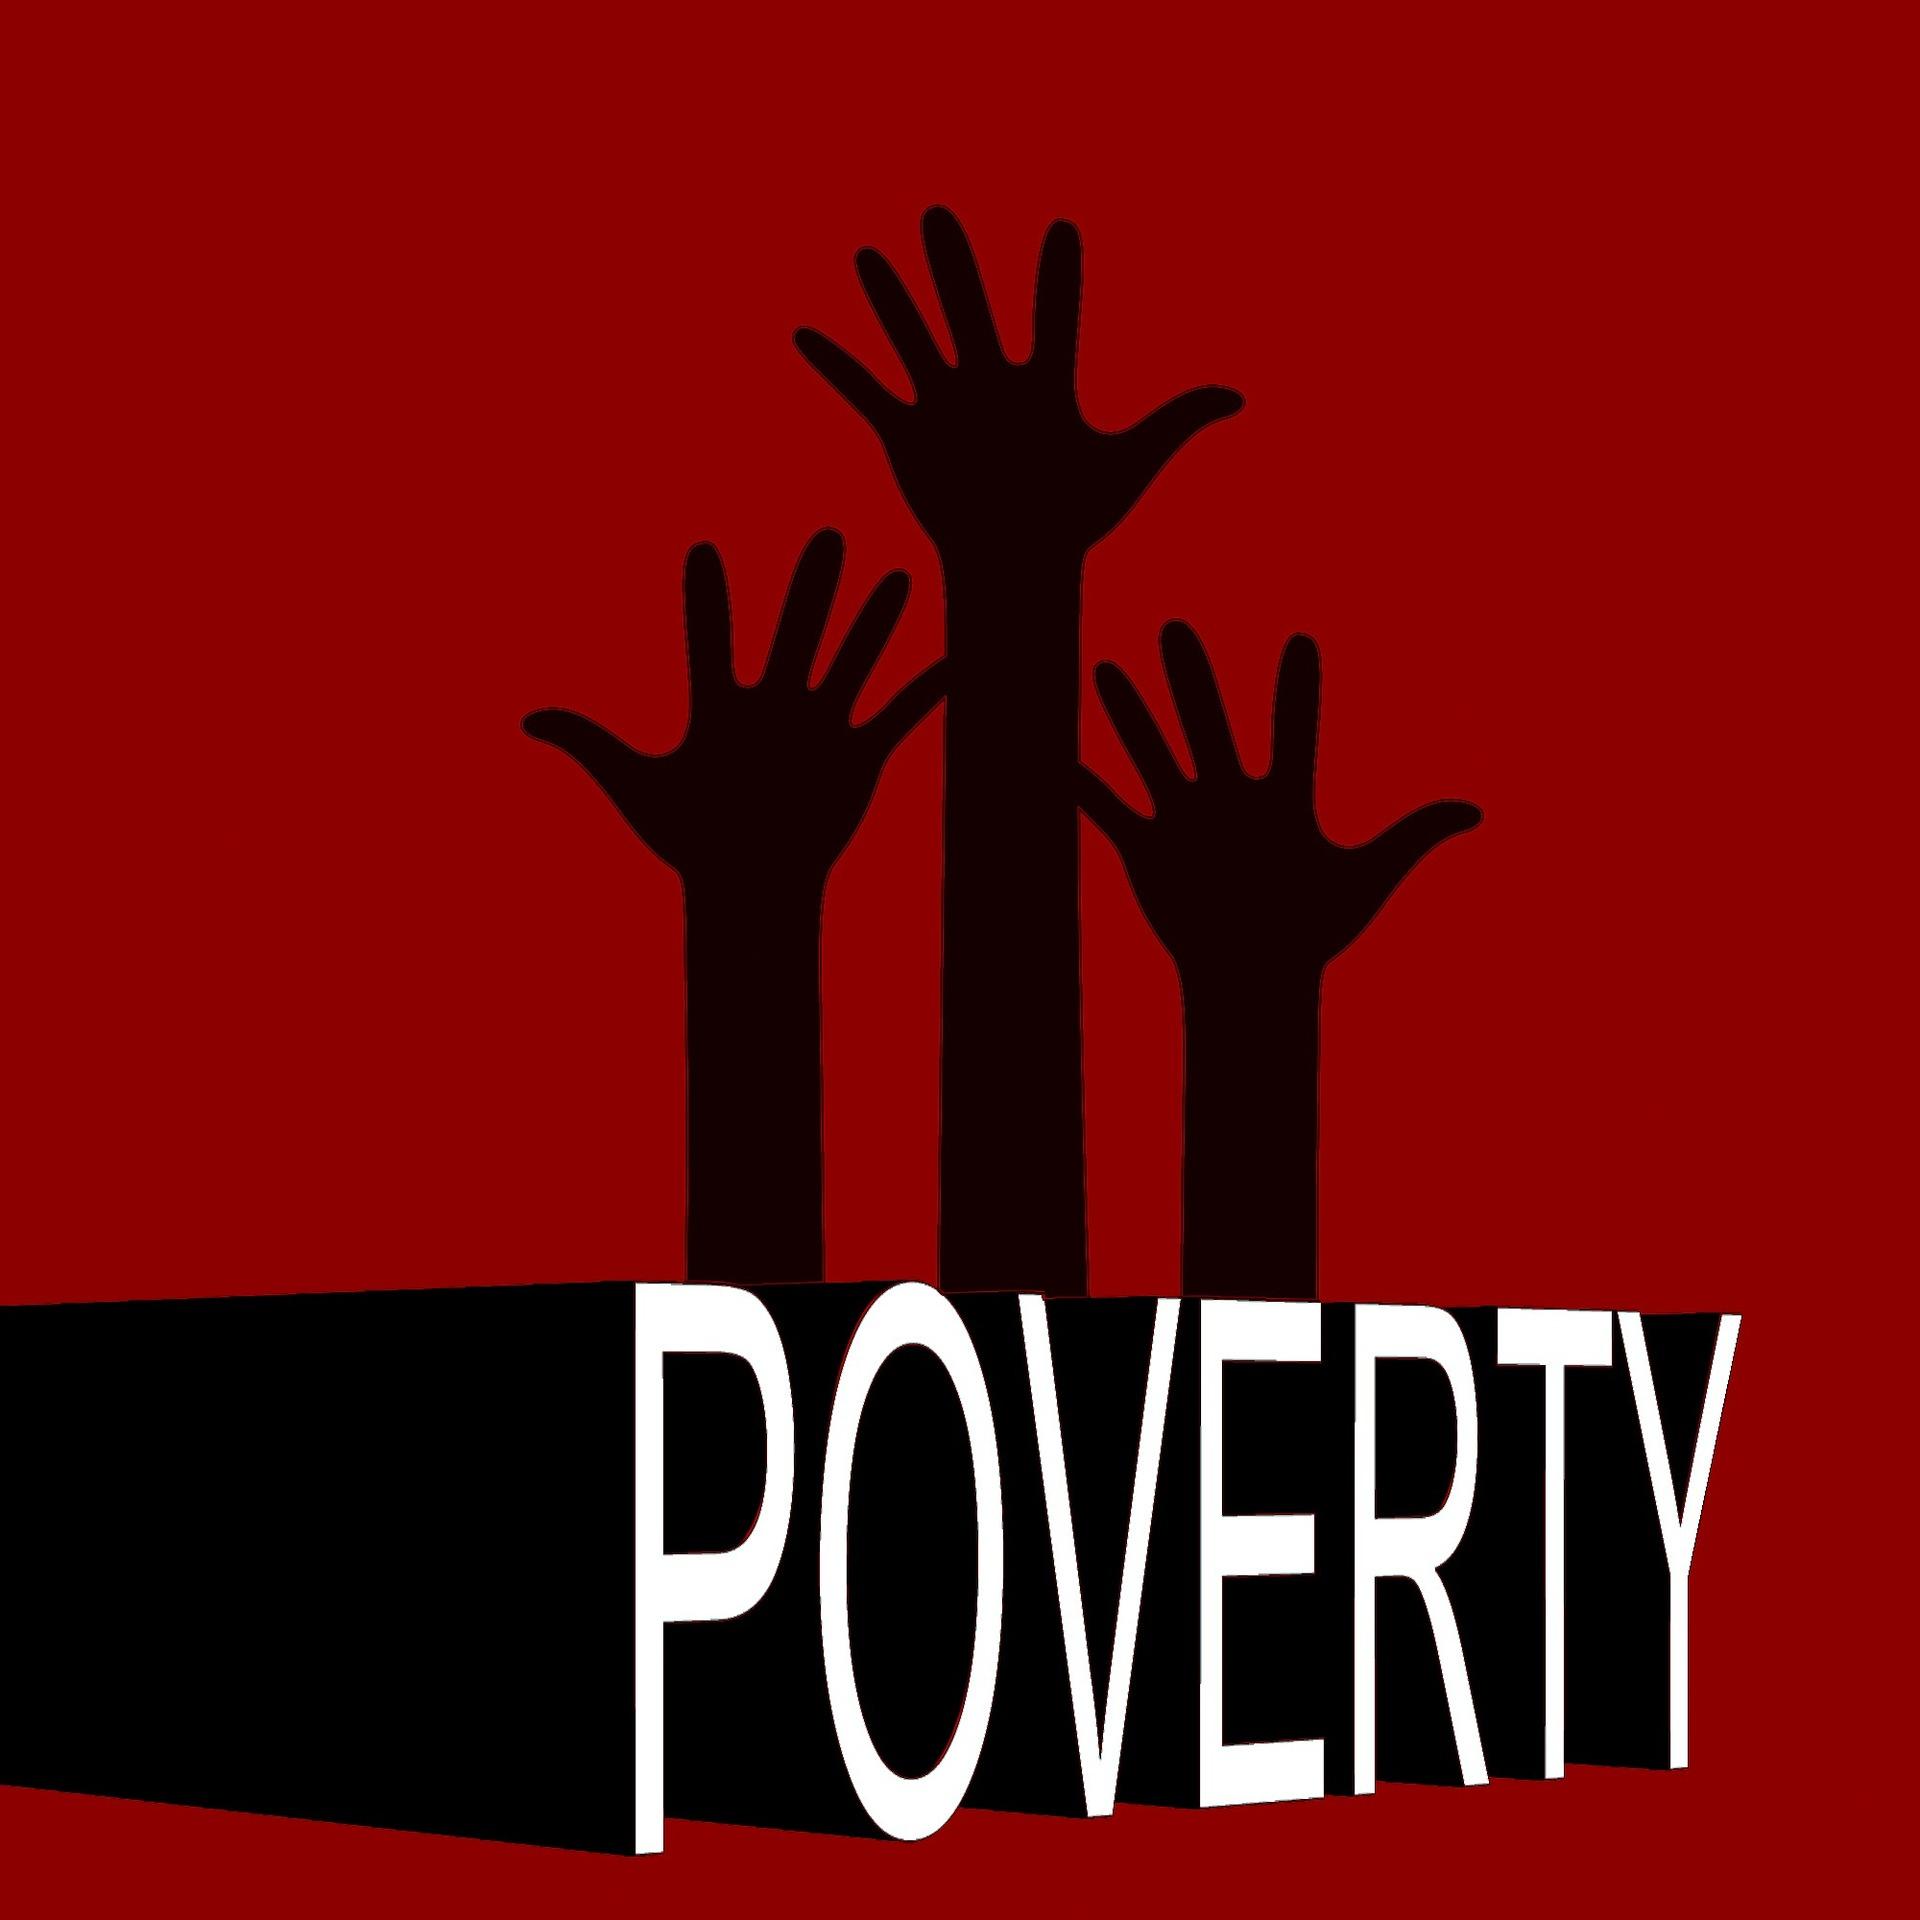 La pauvreté. Image Gerd Altmann de Pixabay